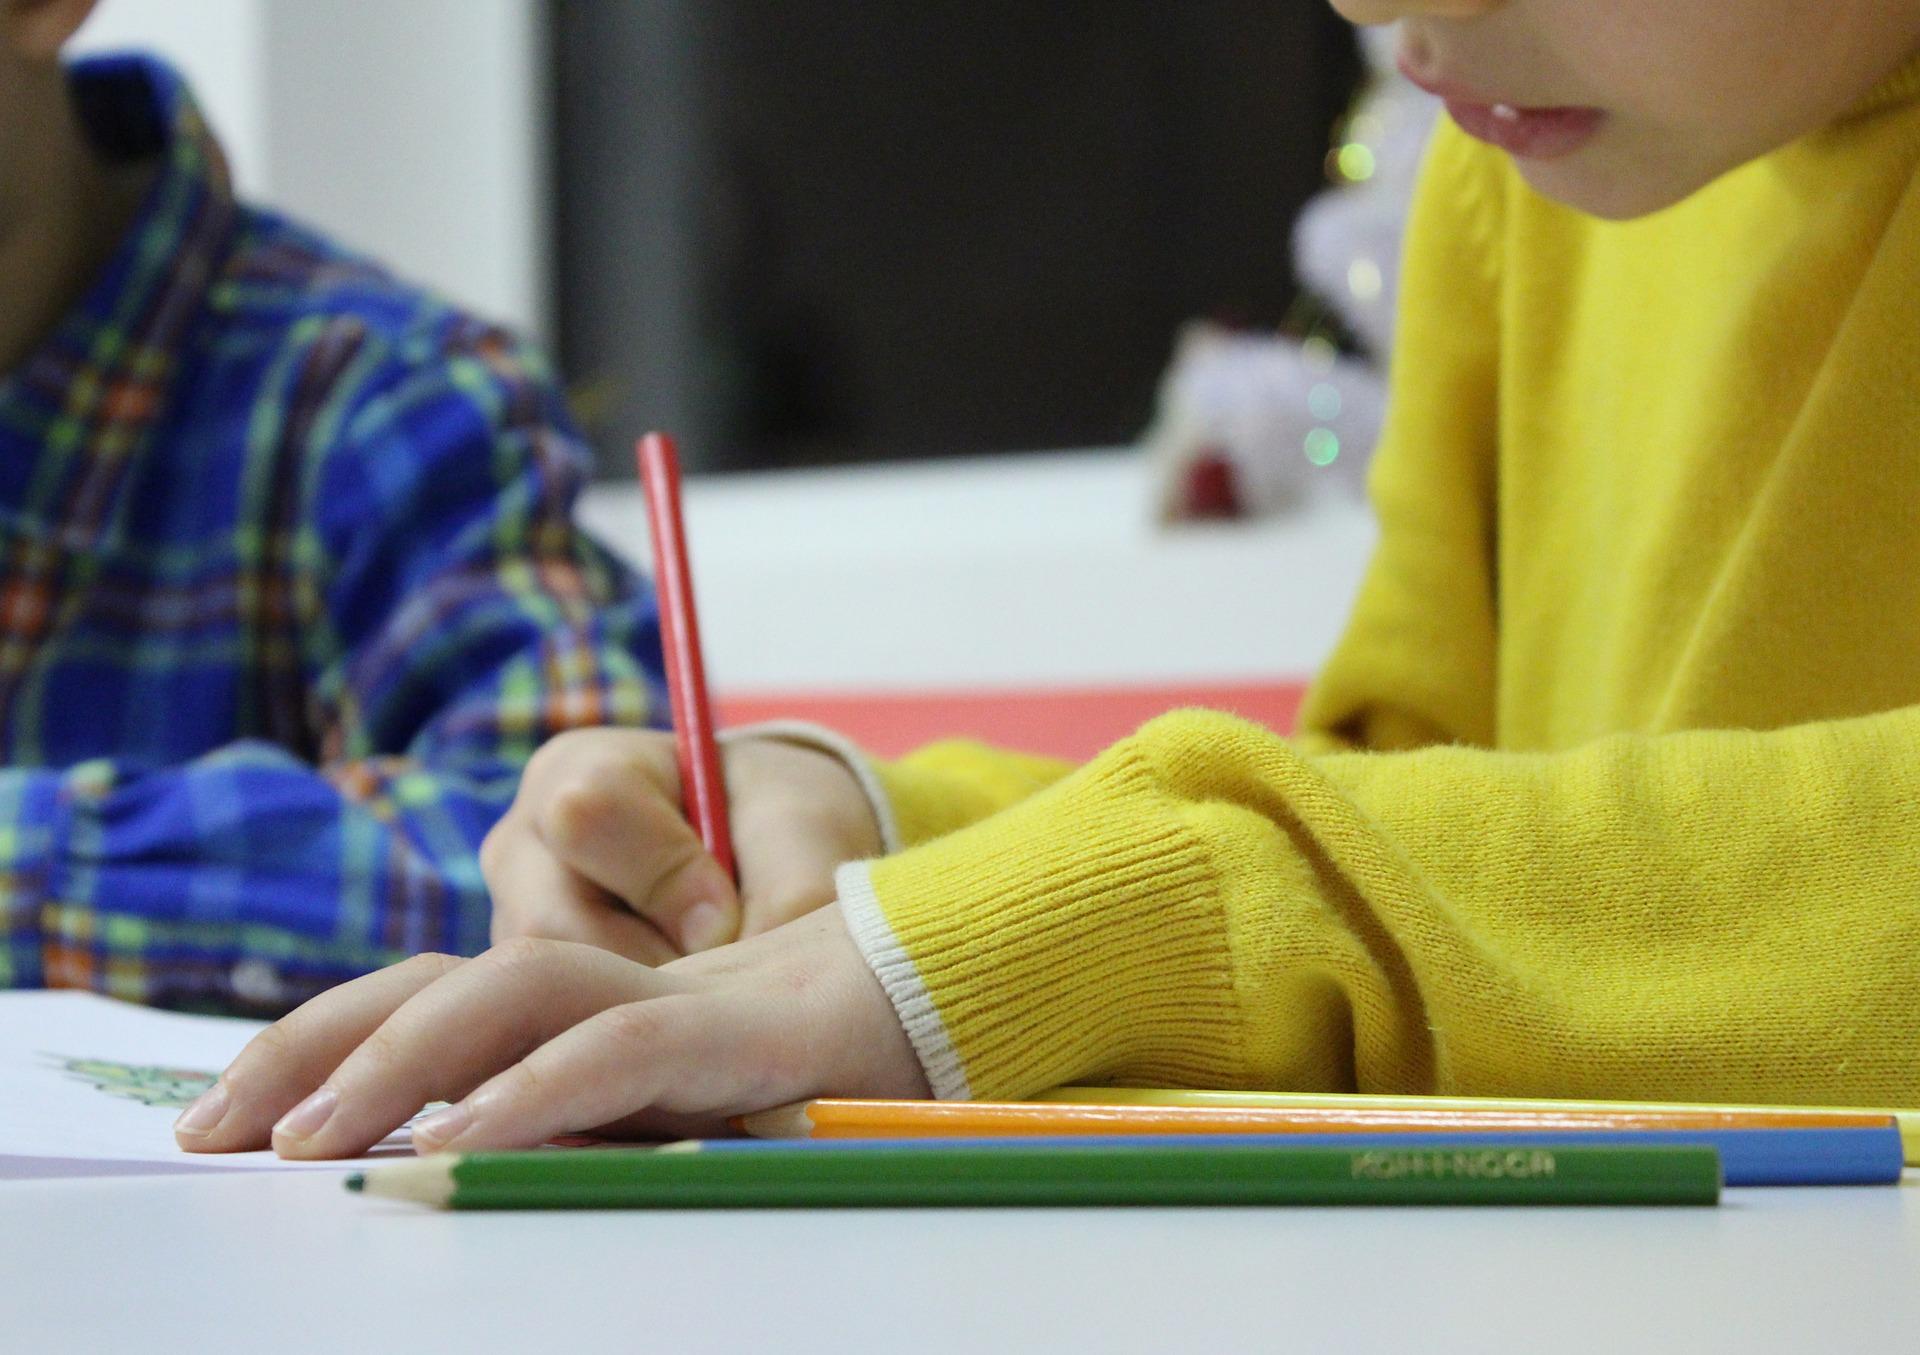 Hoe kan ik mijn kind helpen met leren?